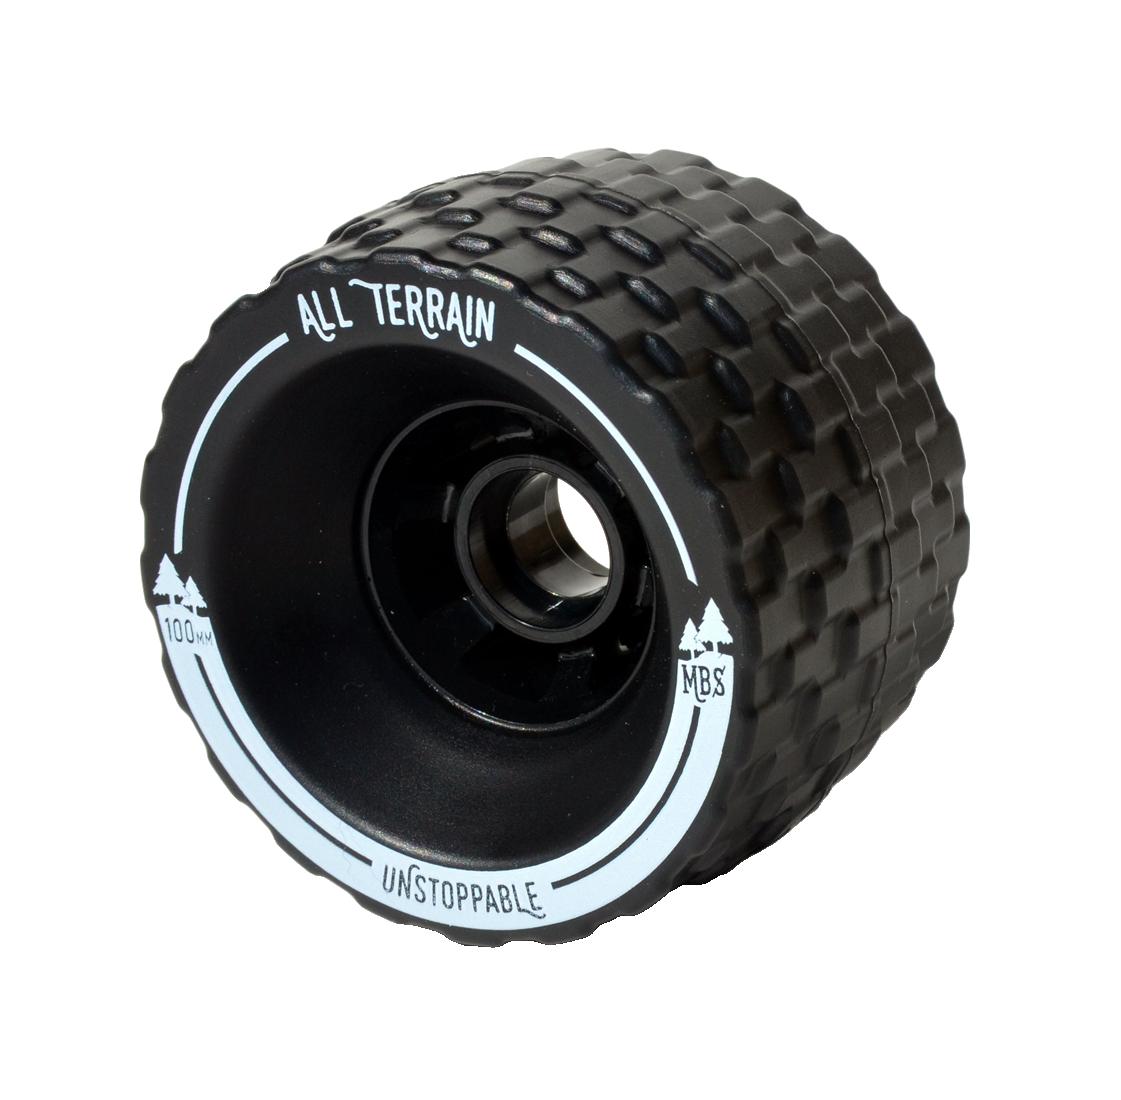 Mbs All Terrain Longboard Wheels Mbs Mountainboards Europe